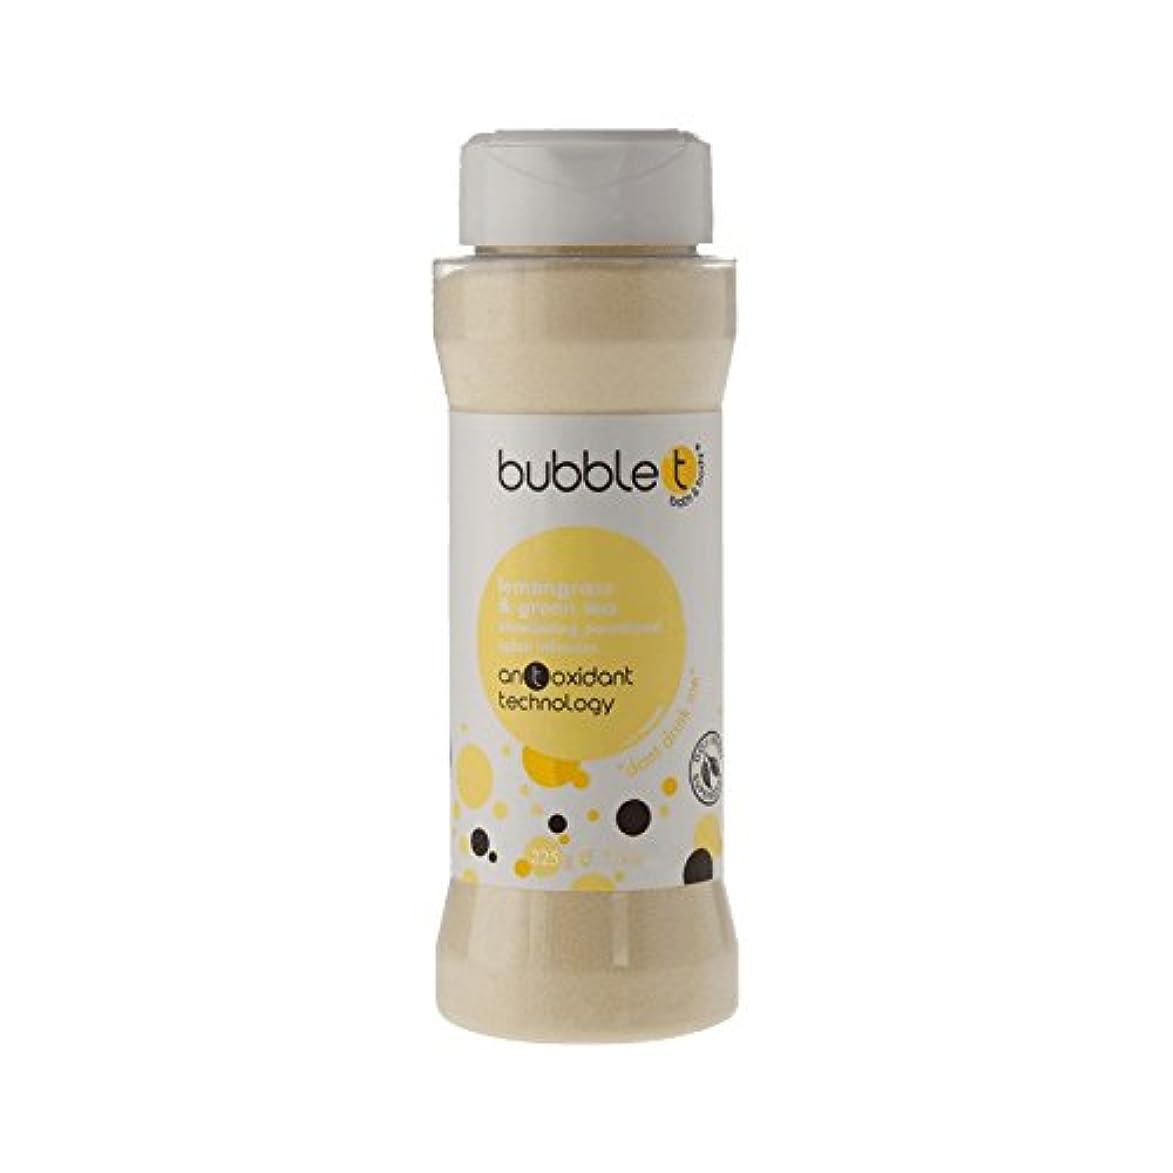 グリップ反抗服Bubble T Bath Spice Infusion Lemongrass & Green Tea 225g (Pack of 2) - バブルトン風呂スパイス注入レモングラス&緑茶225グラム (x2) [並行輸入品]